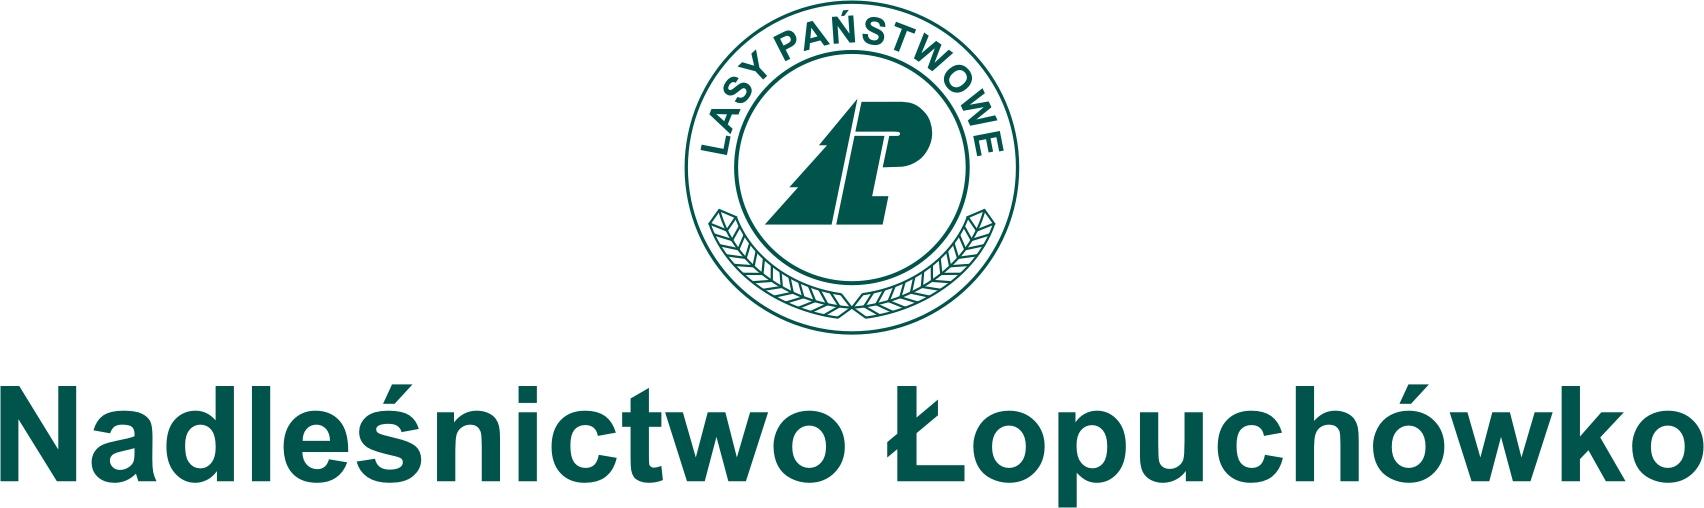 Logo+LP+Nadlesnictwo+Łopuchówko_pion